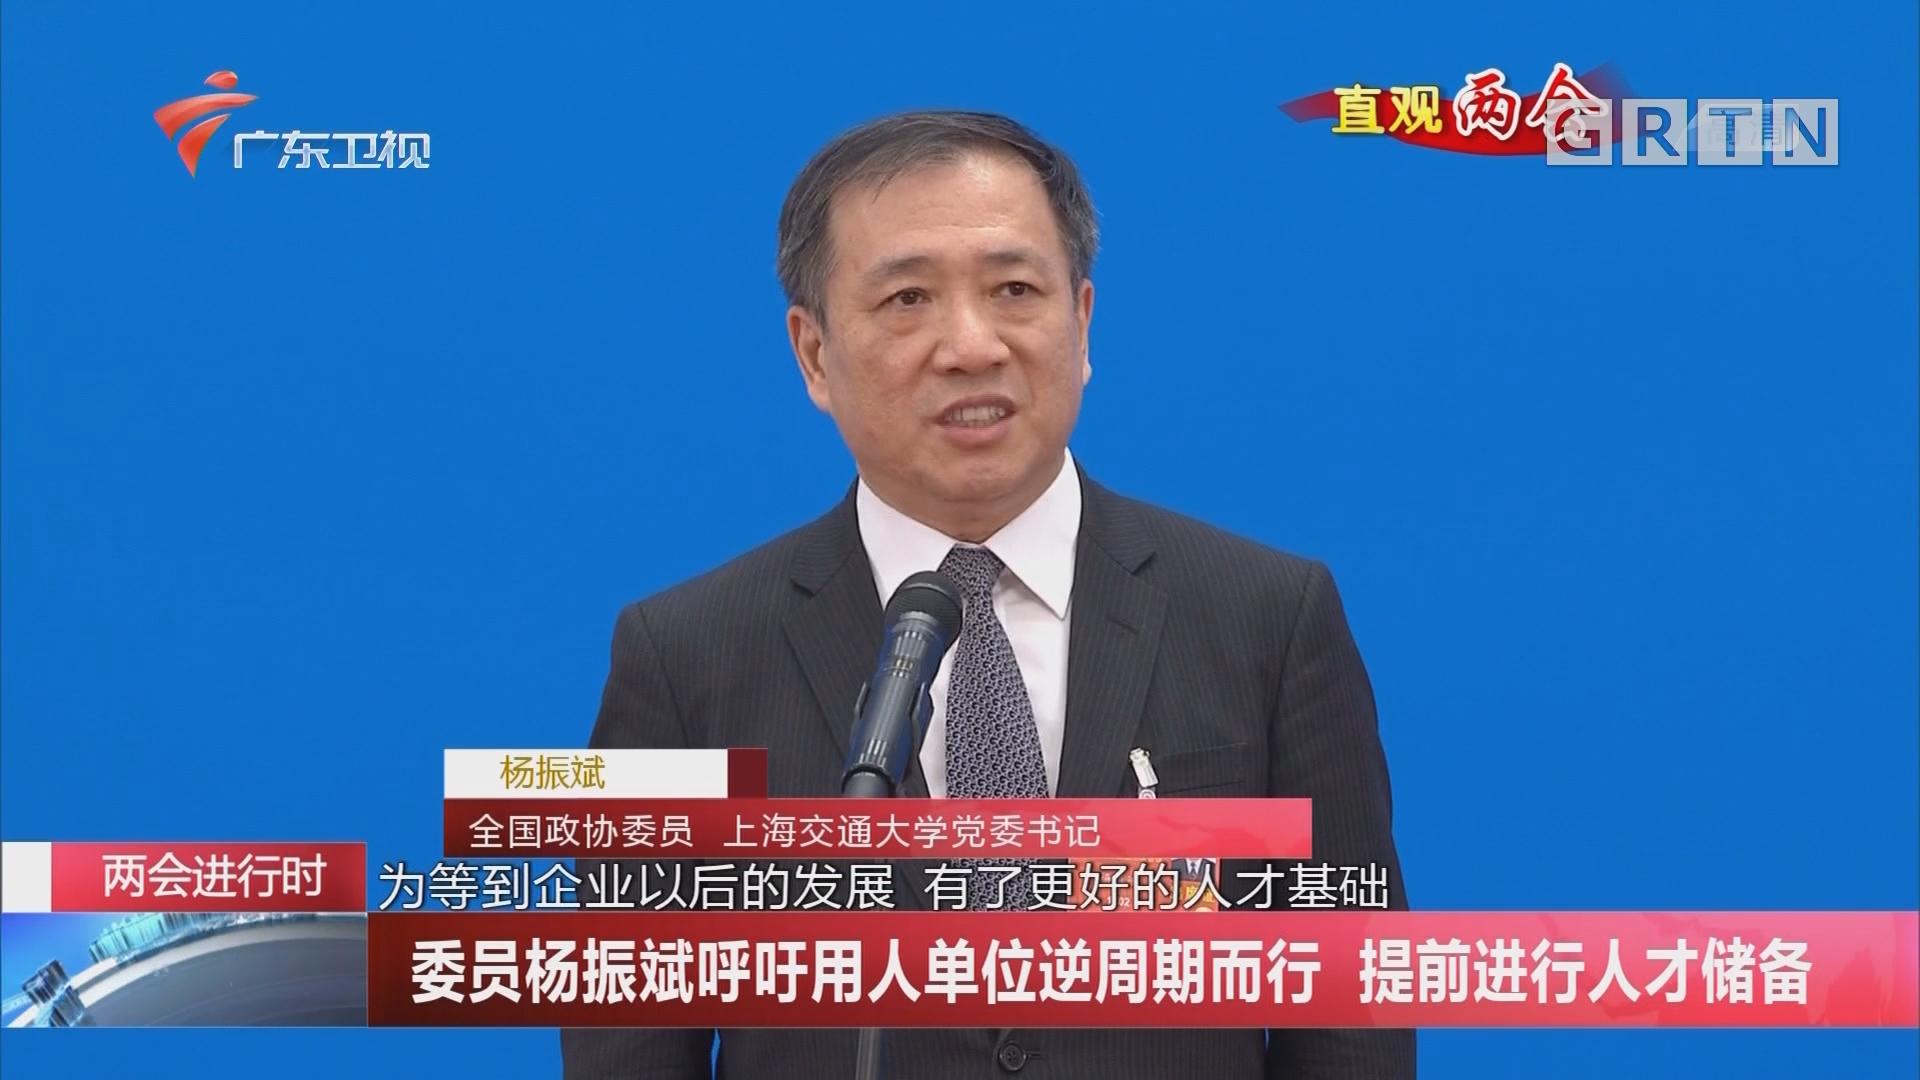 委员杨振斌呼吁用人单位逆周期而行 提前进行人才储备